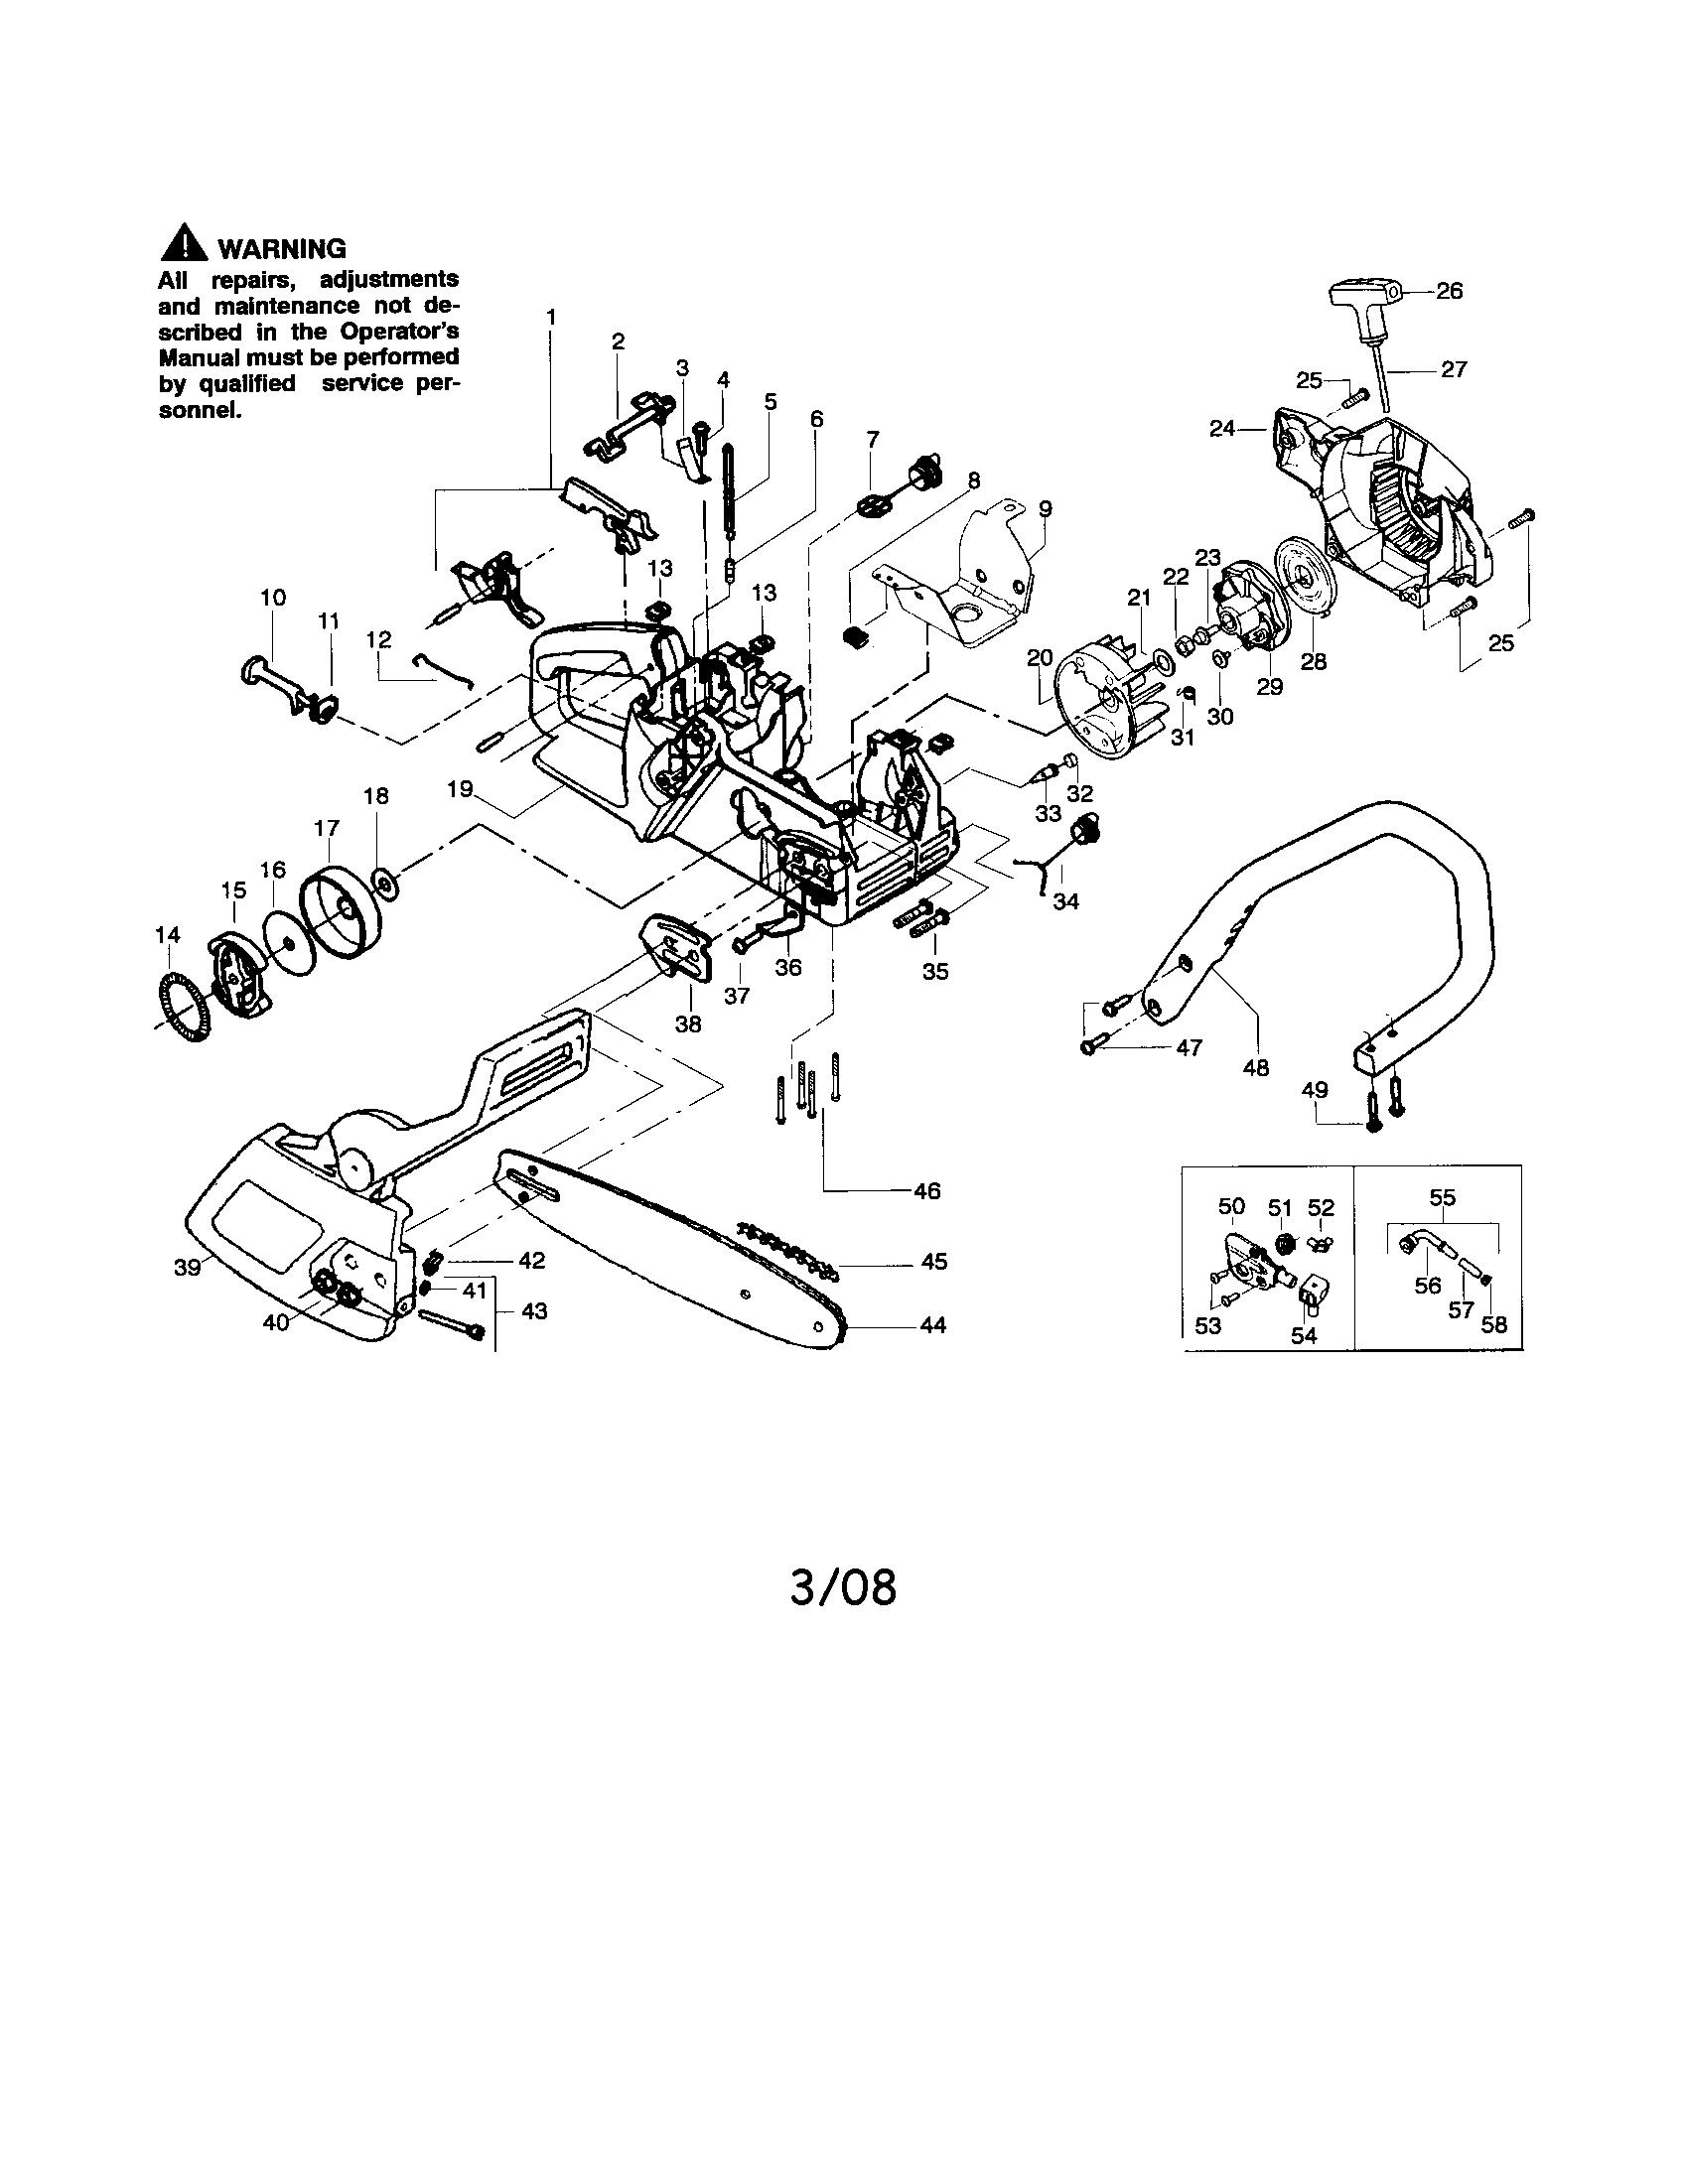 32 Poulan Wild Thing Parts Diagram